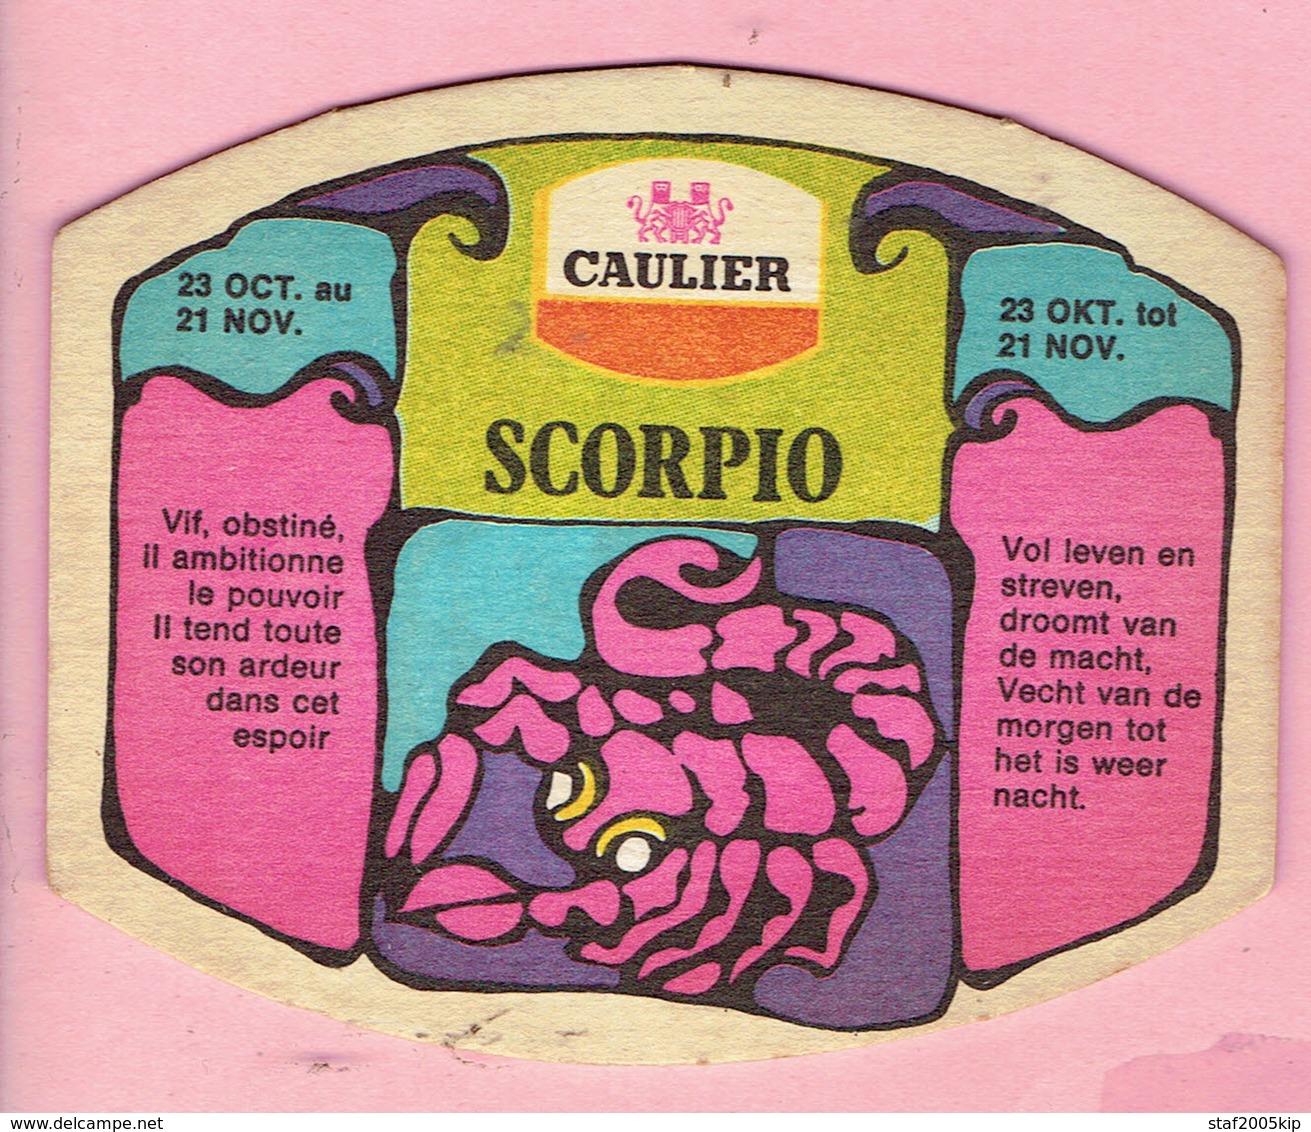 Bierviltjes - CAULIER - Horoscoop - SCORPIO - SCHORPIOEN - Sous-bocks